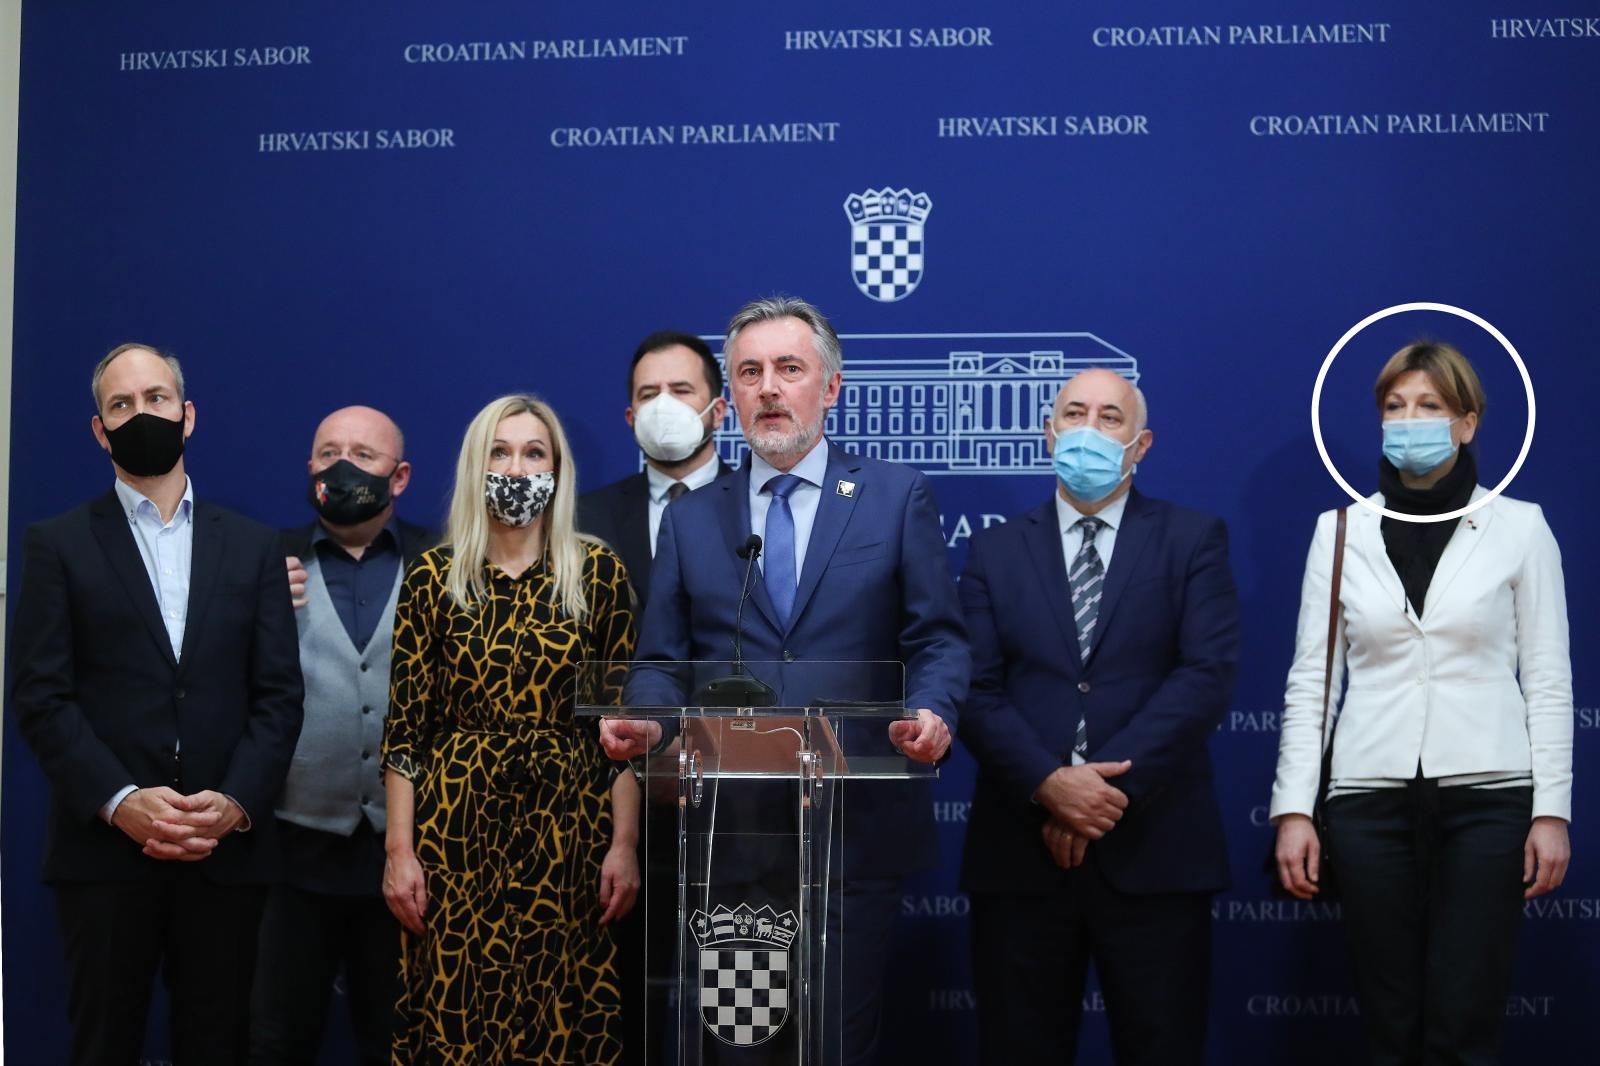 Otad gospođu Karolinu Vidović Krišto uredno viđamo s maskom na licu/Luka Stanzl/PIXSELL